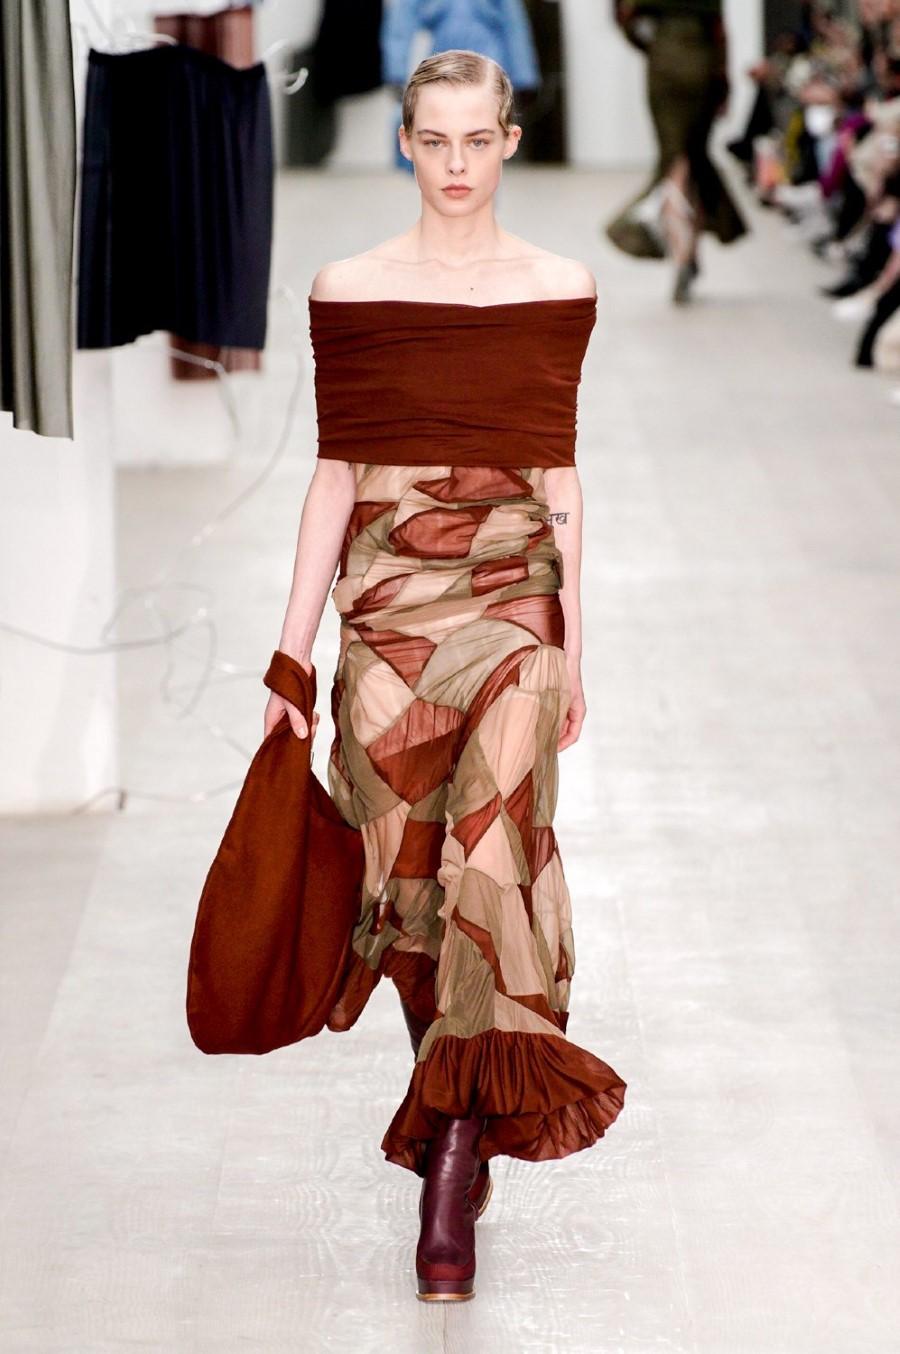 Richard Malone - Fall Winter 2020 - London Fashion WeekRichard Malone - Fall Winter 2020 - London Fashion Week